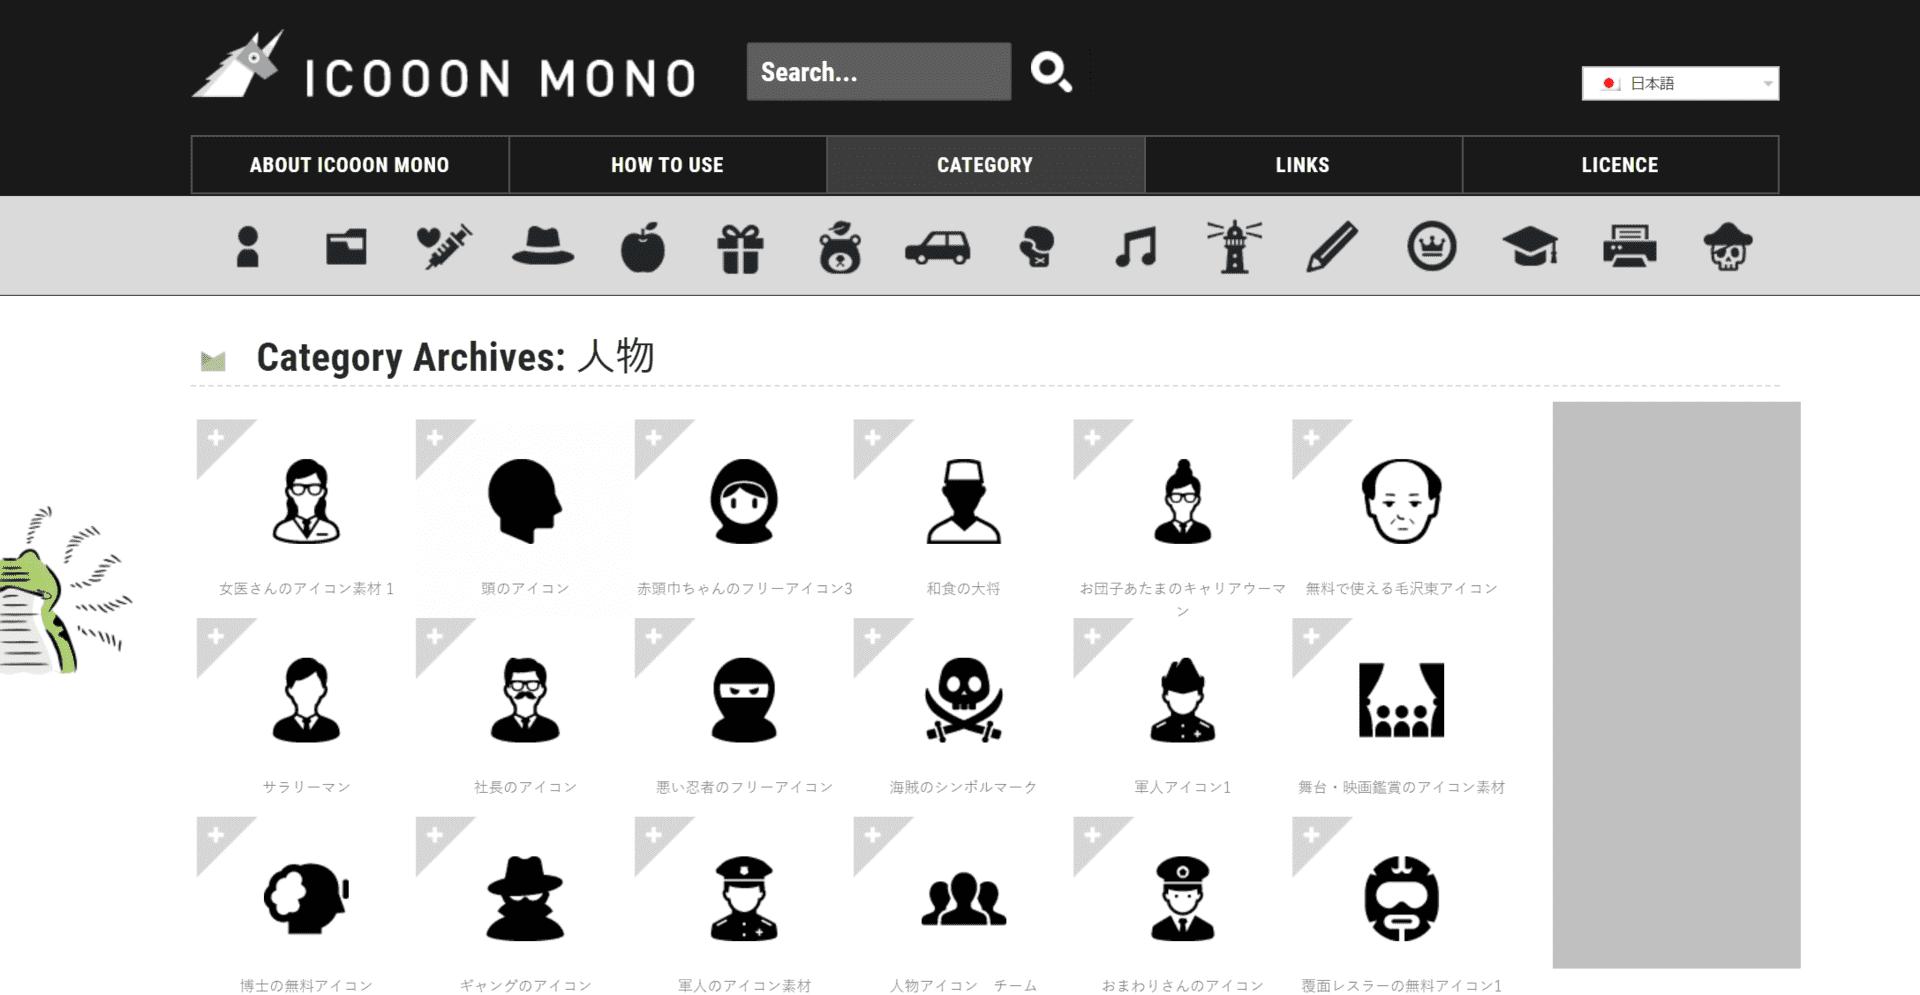 ICOON MONO